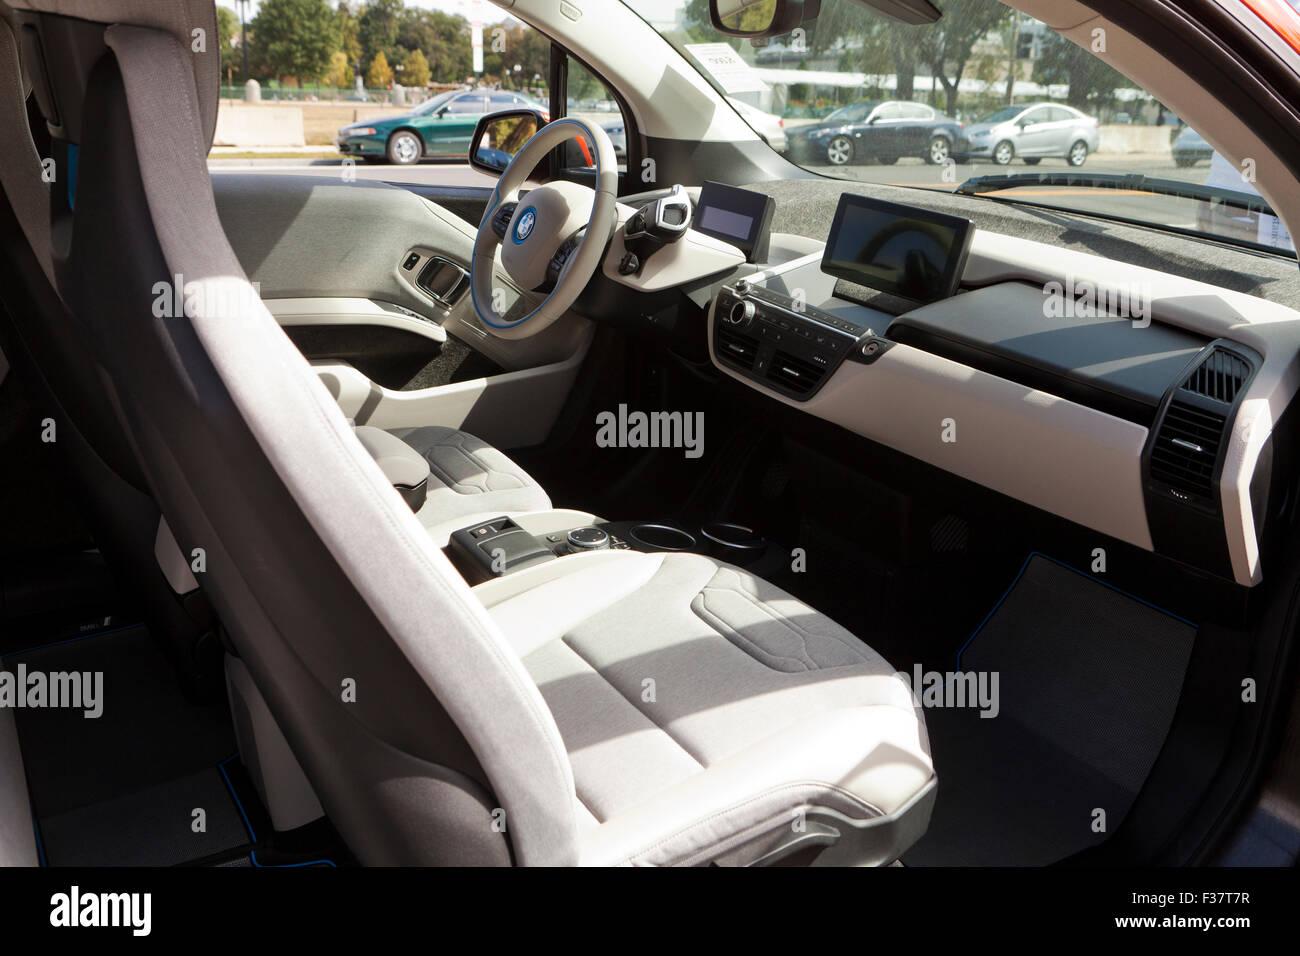 BMW I3 Electric Car Interior   USA